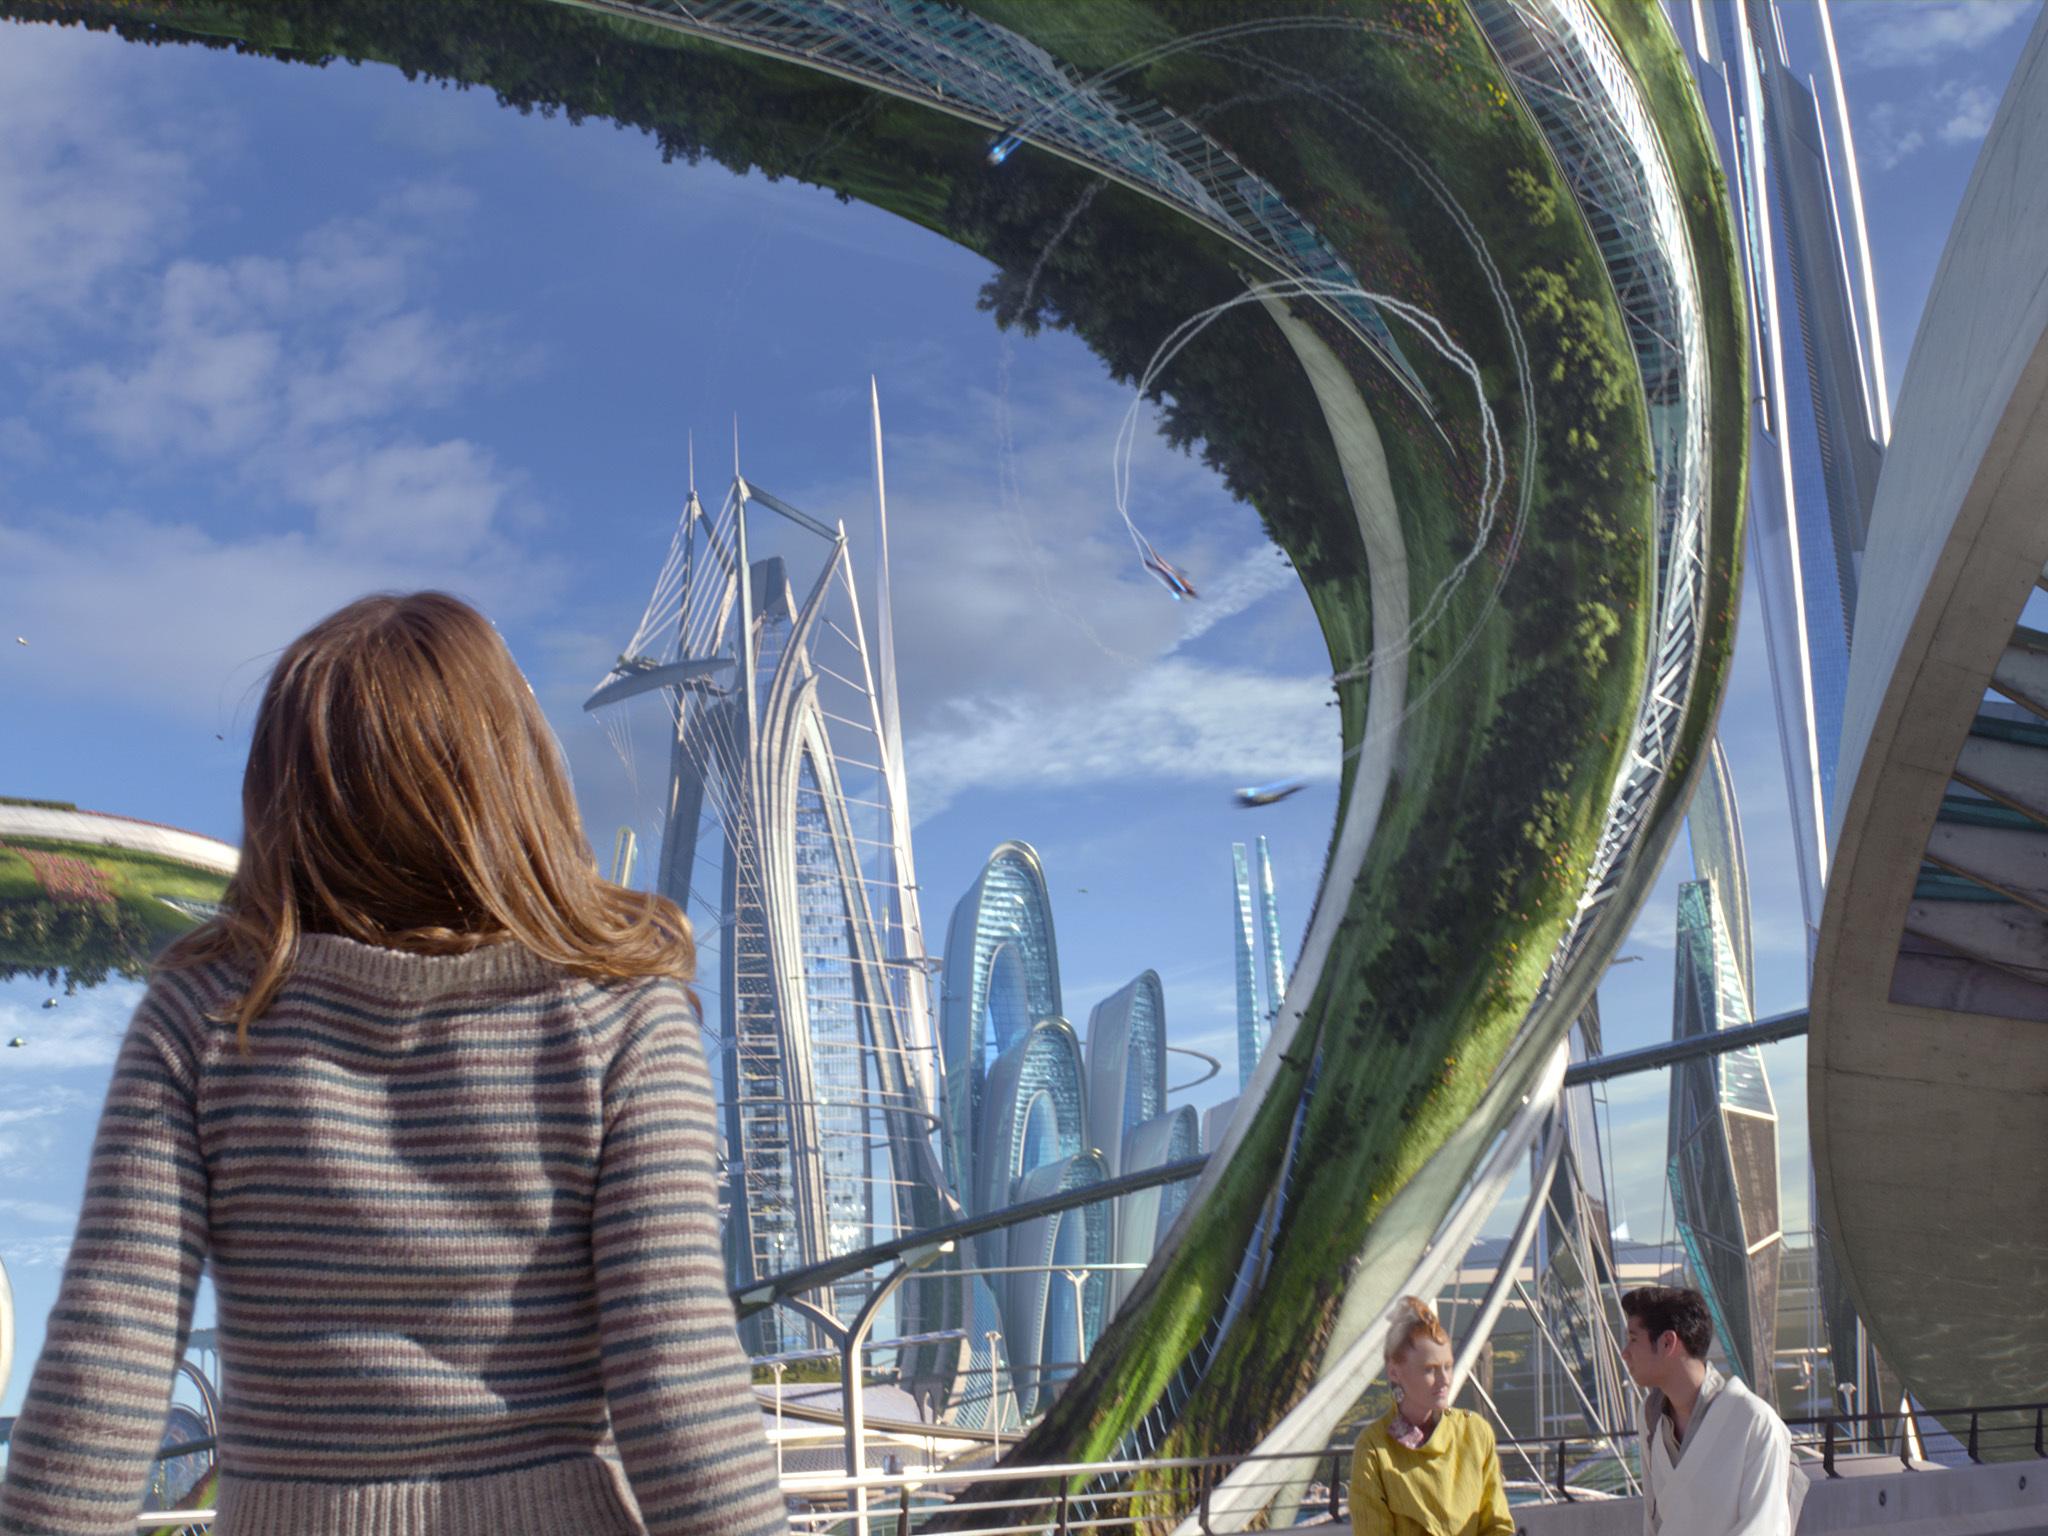 Tomorrowland (May 22, Walt Disney)